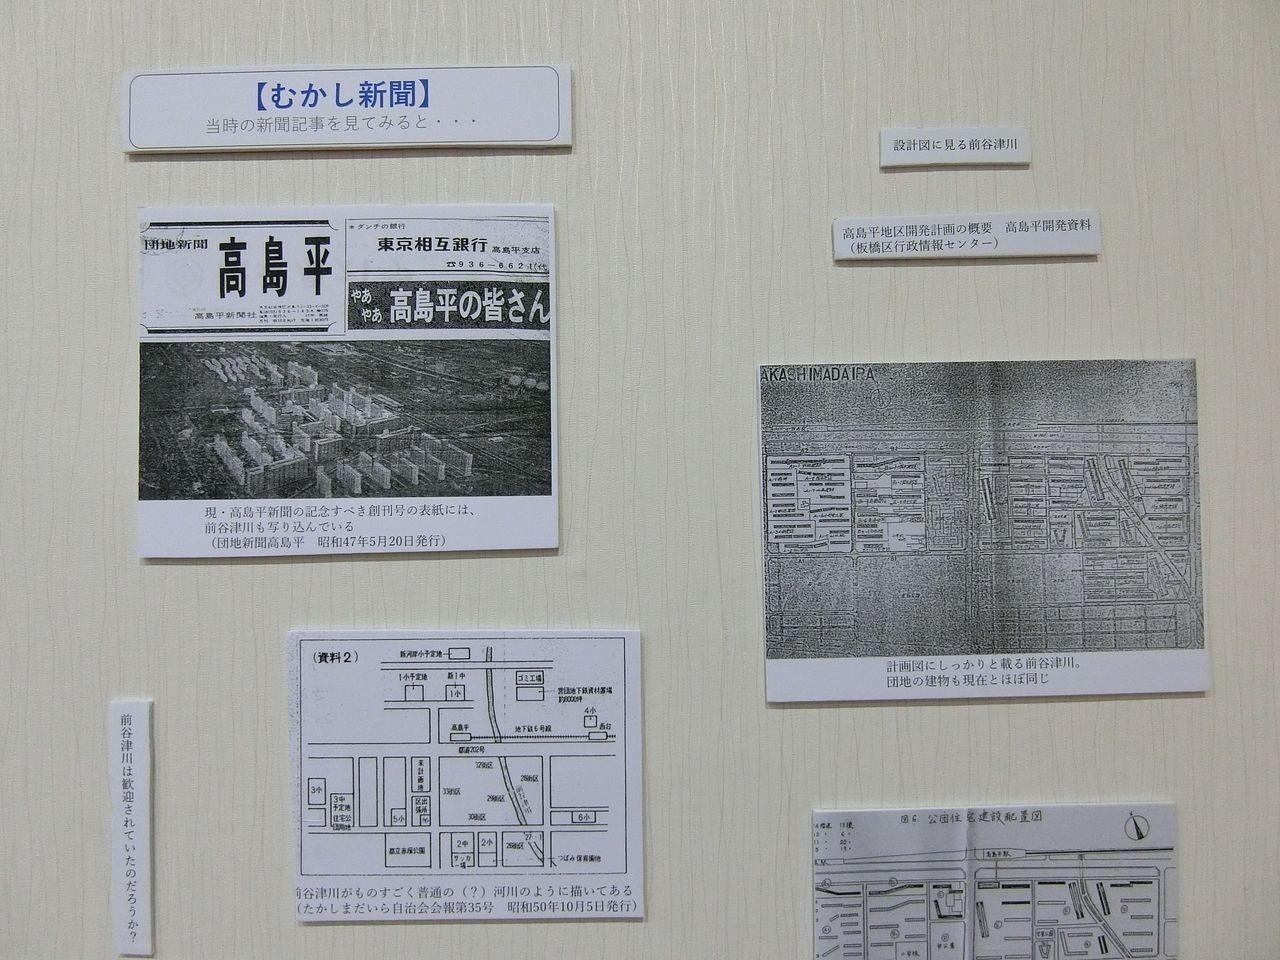 高島平×水路上観察入門展